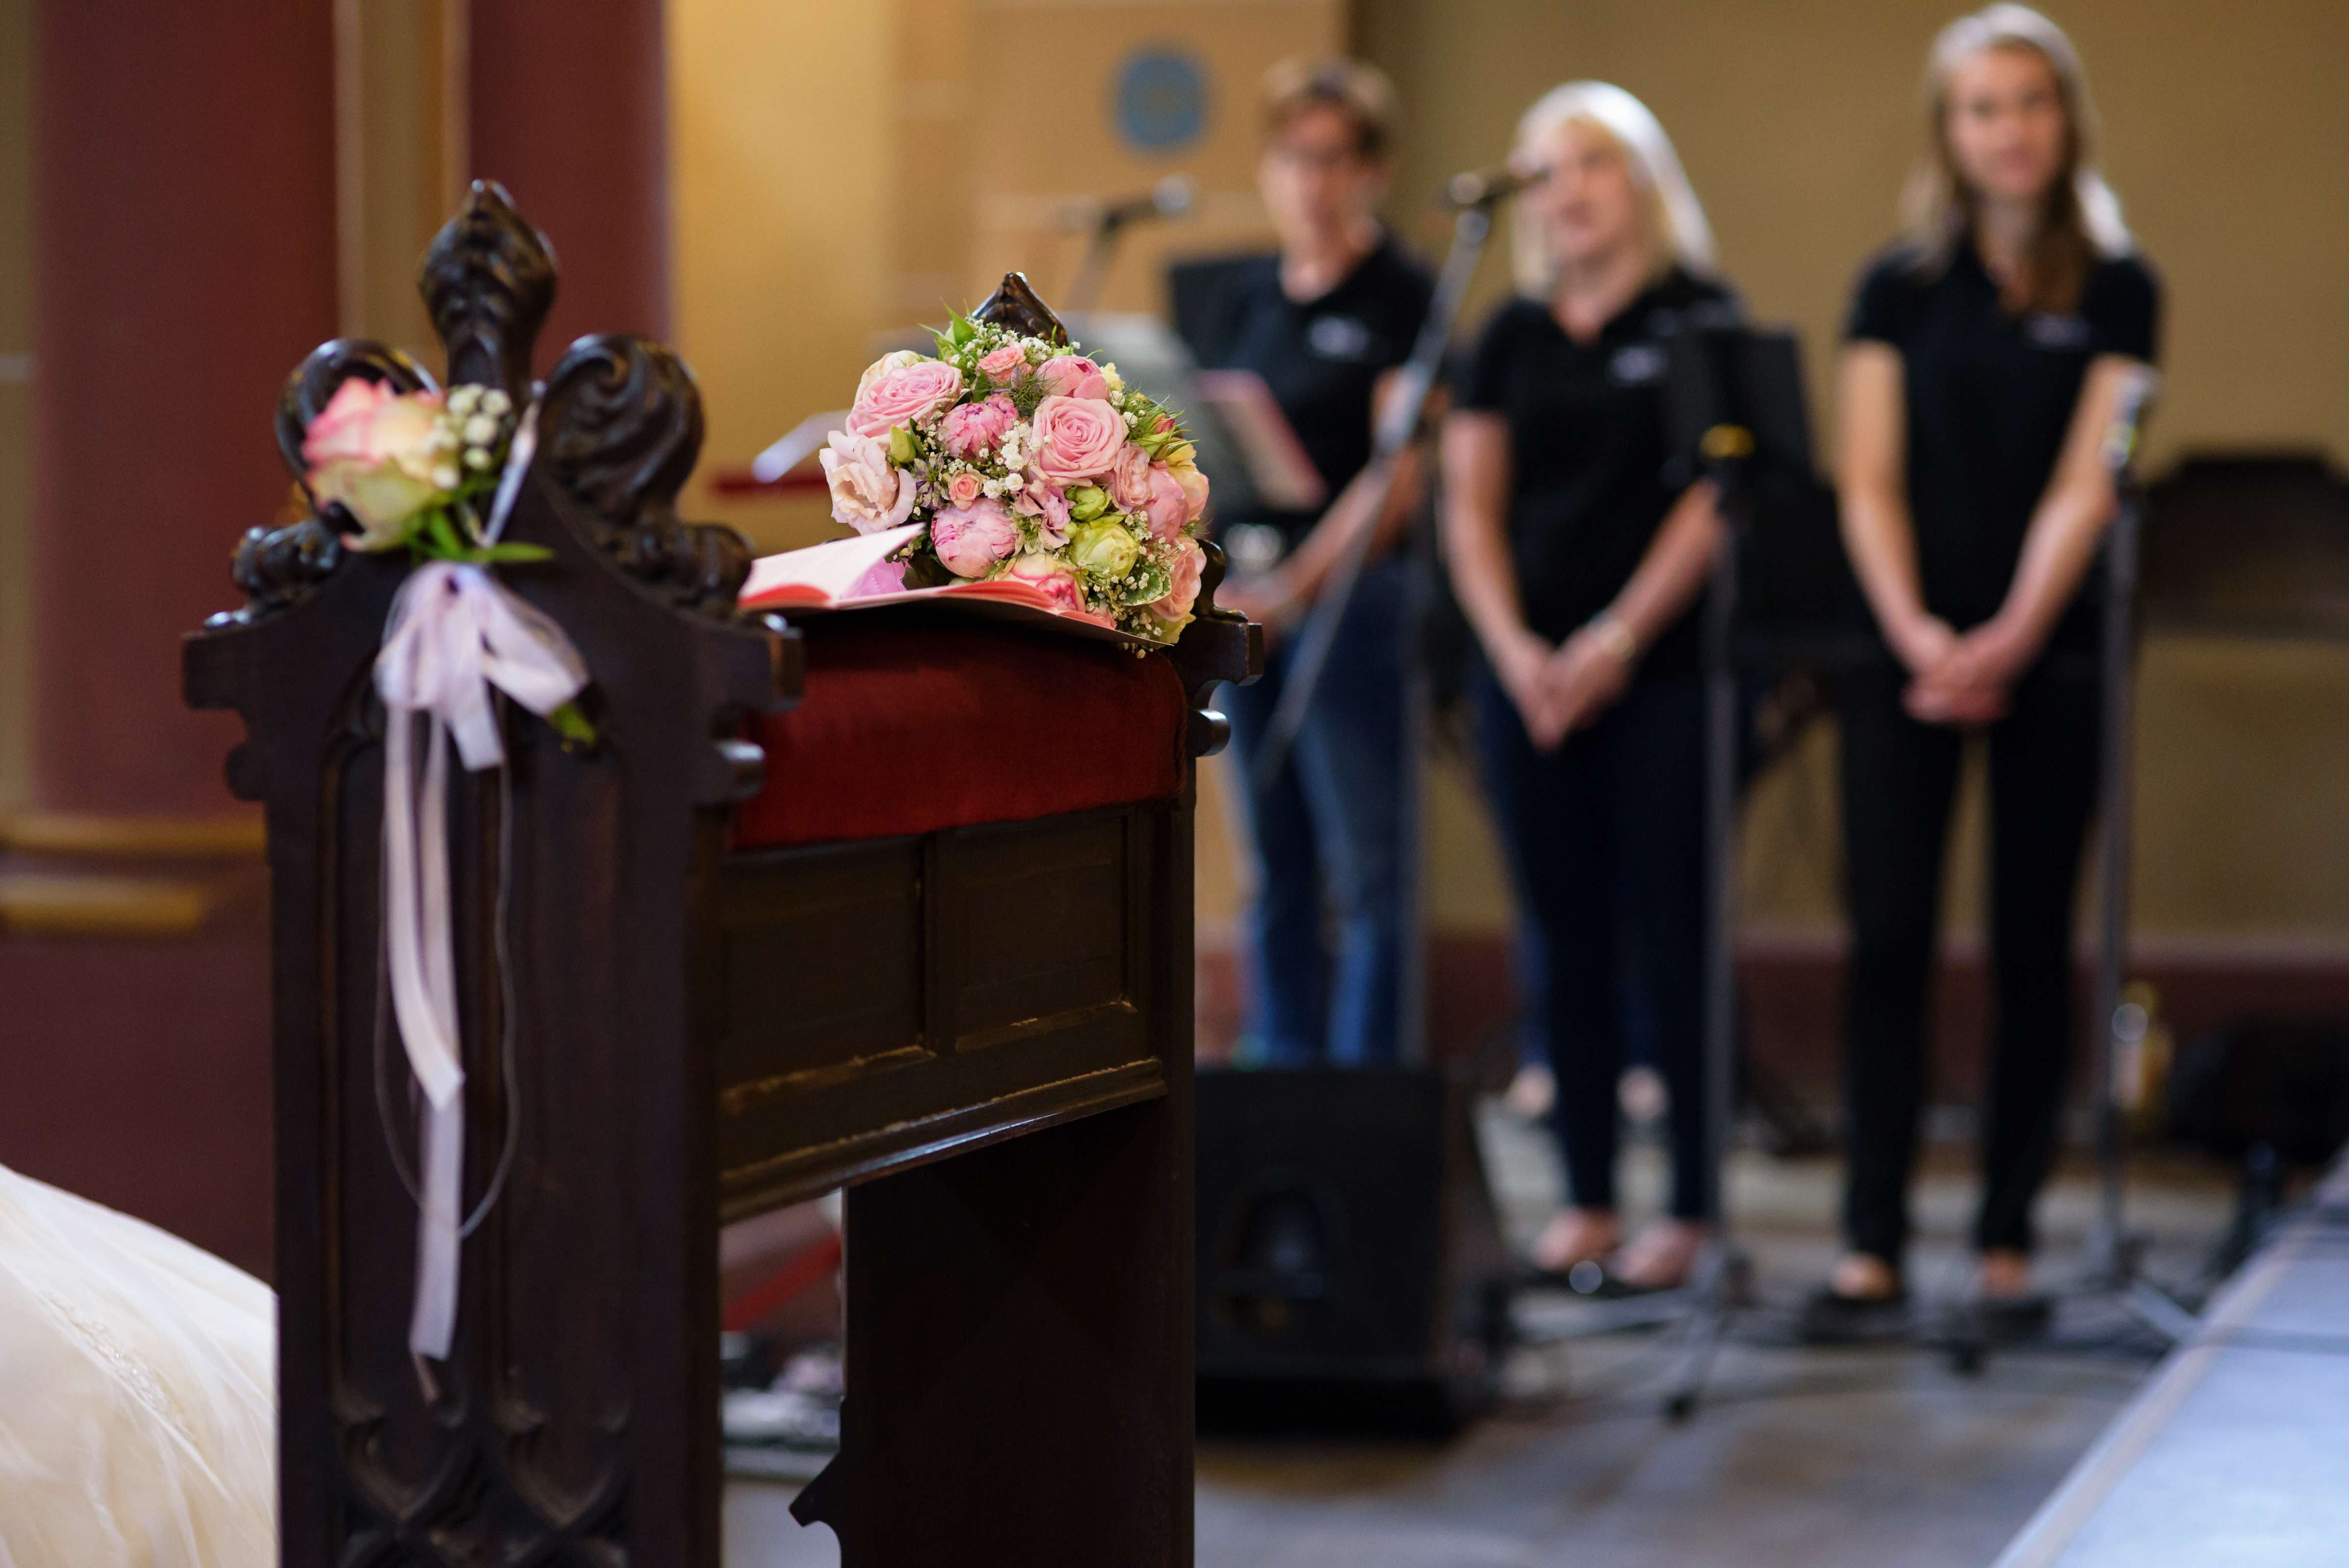 Bilder - Hochzeit - Spirit - Hochzeitsband - Eifel - NRW3